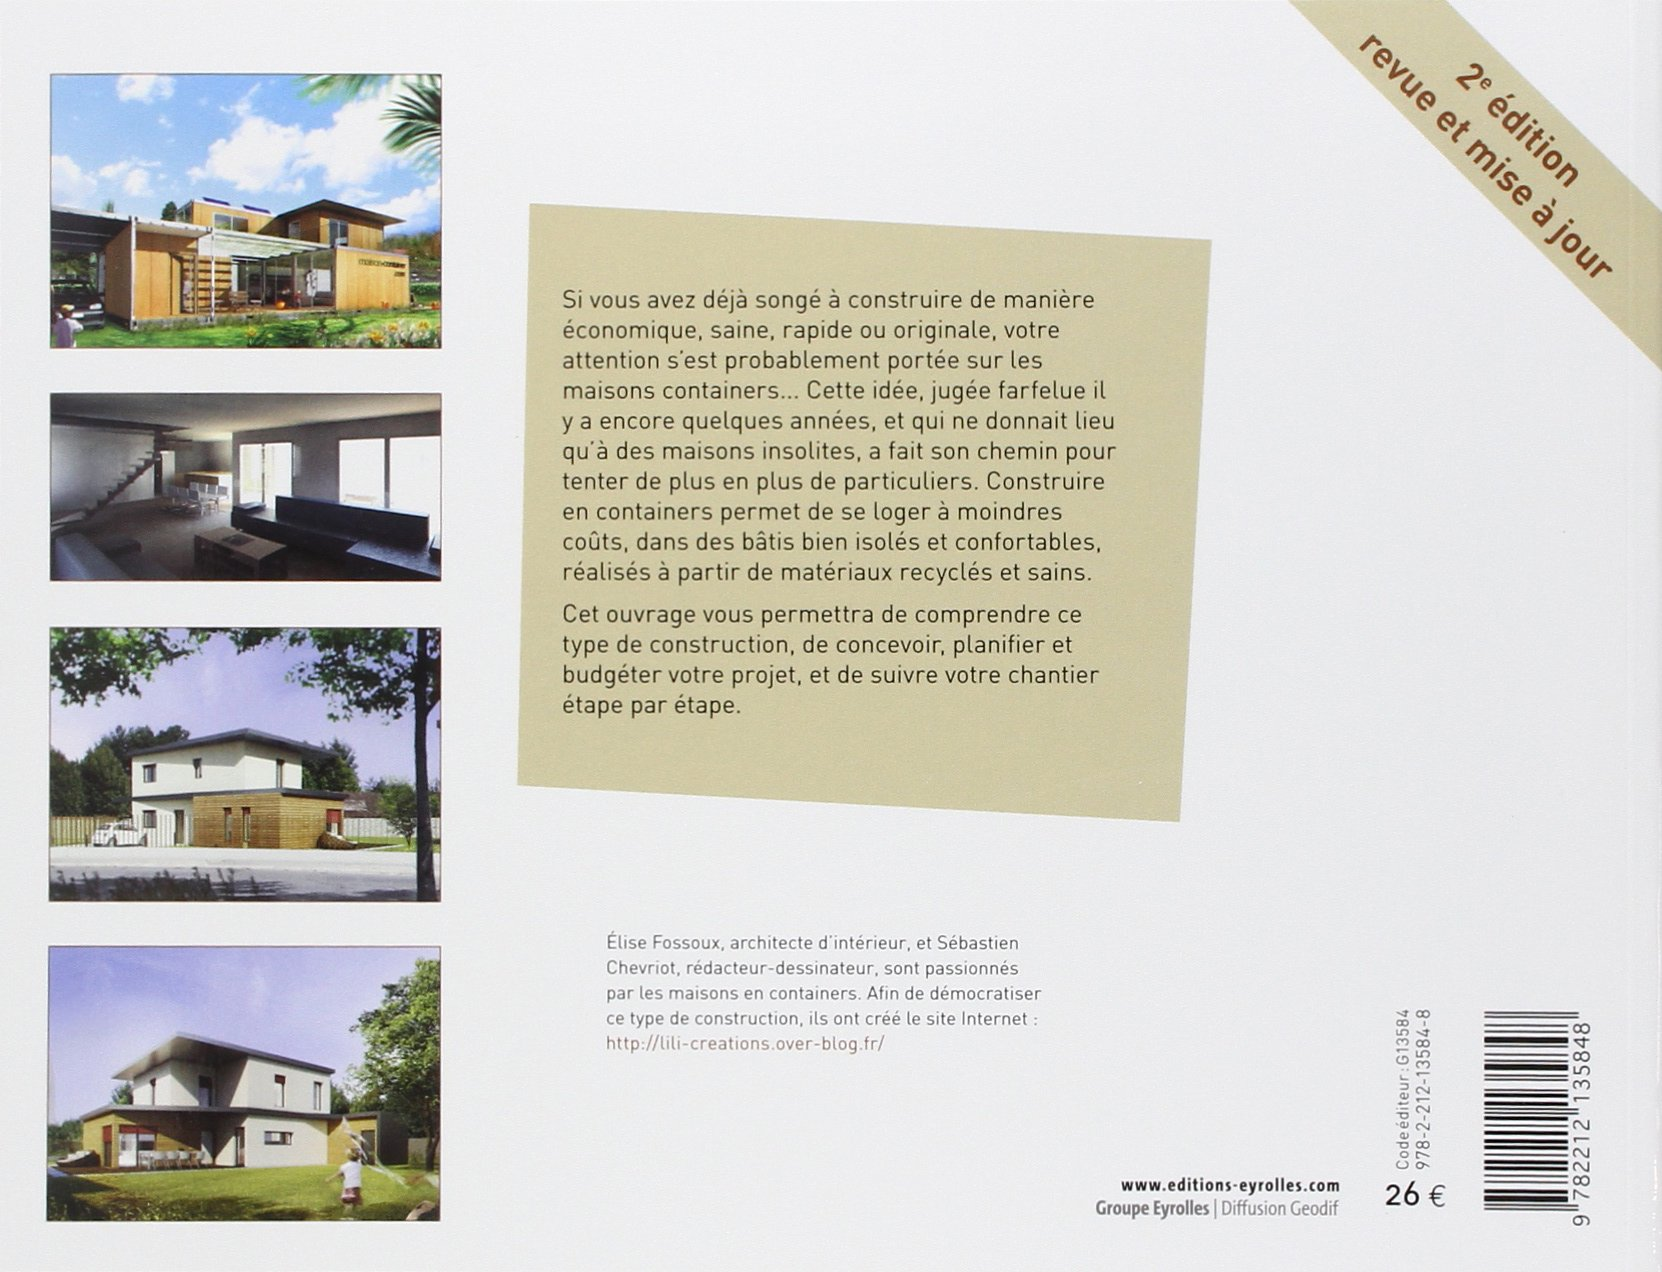 Site pour crer sa maison maison plans pour construire sa for Combien faut il compter pour construire une maison